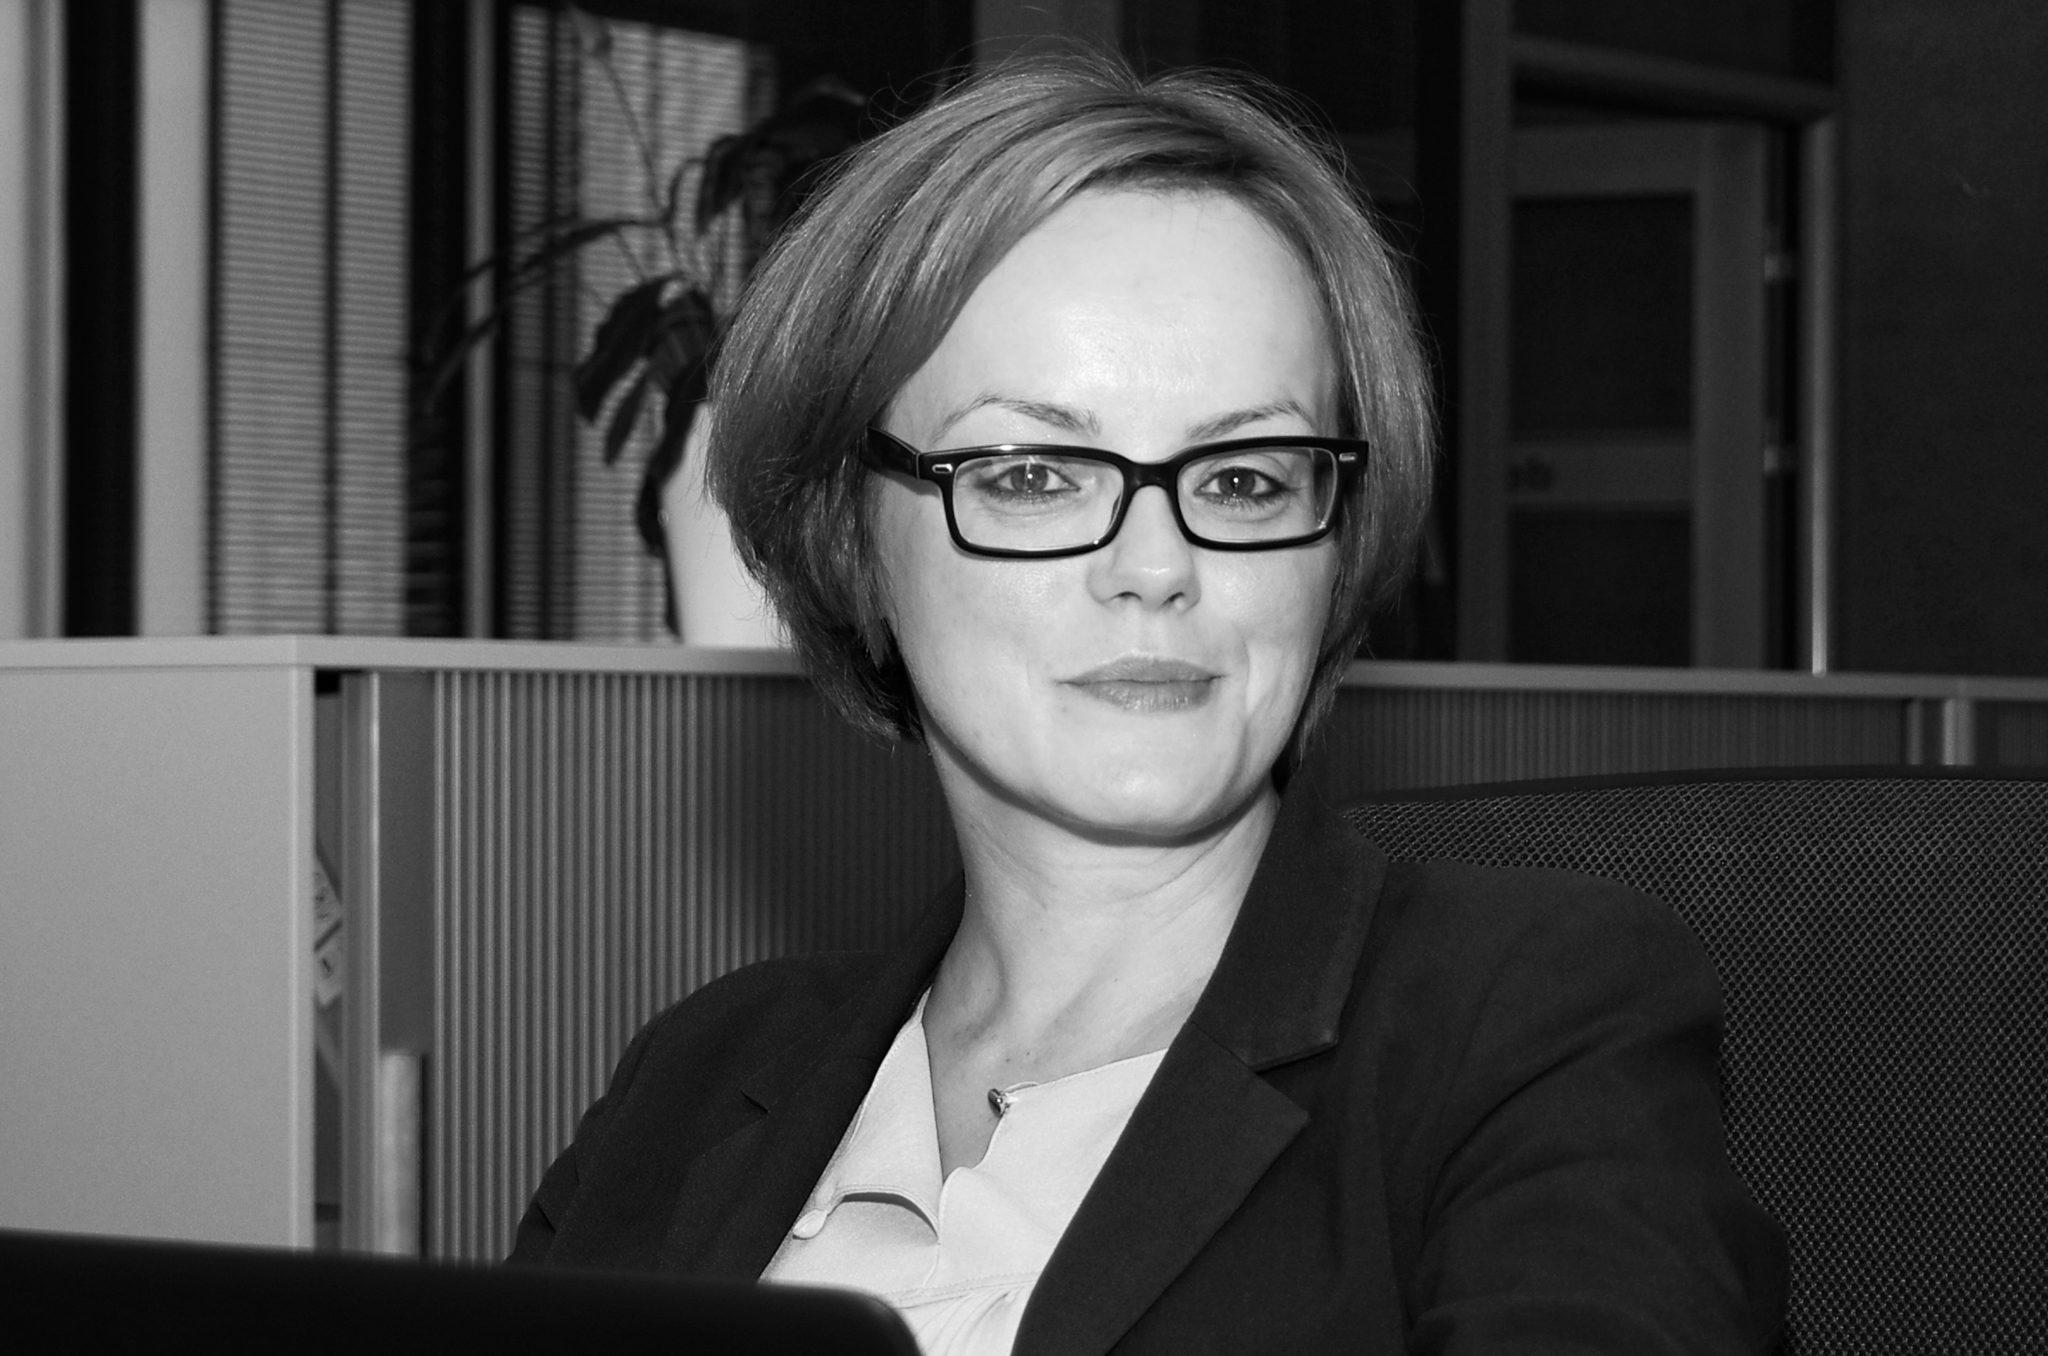 Aneta Wawrzyniak